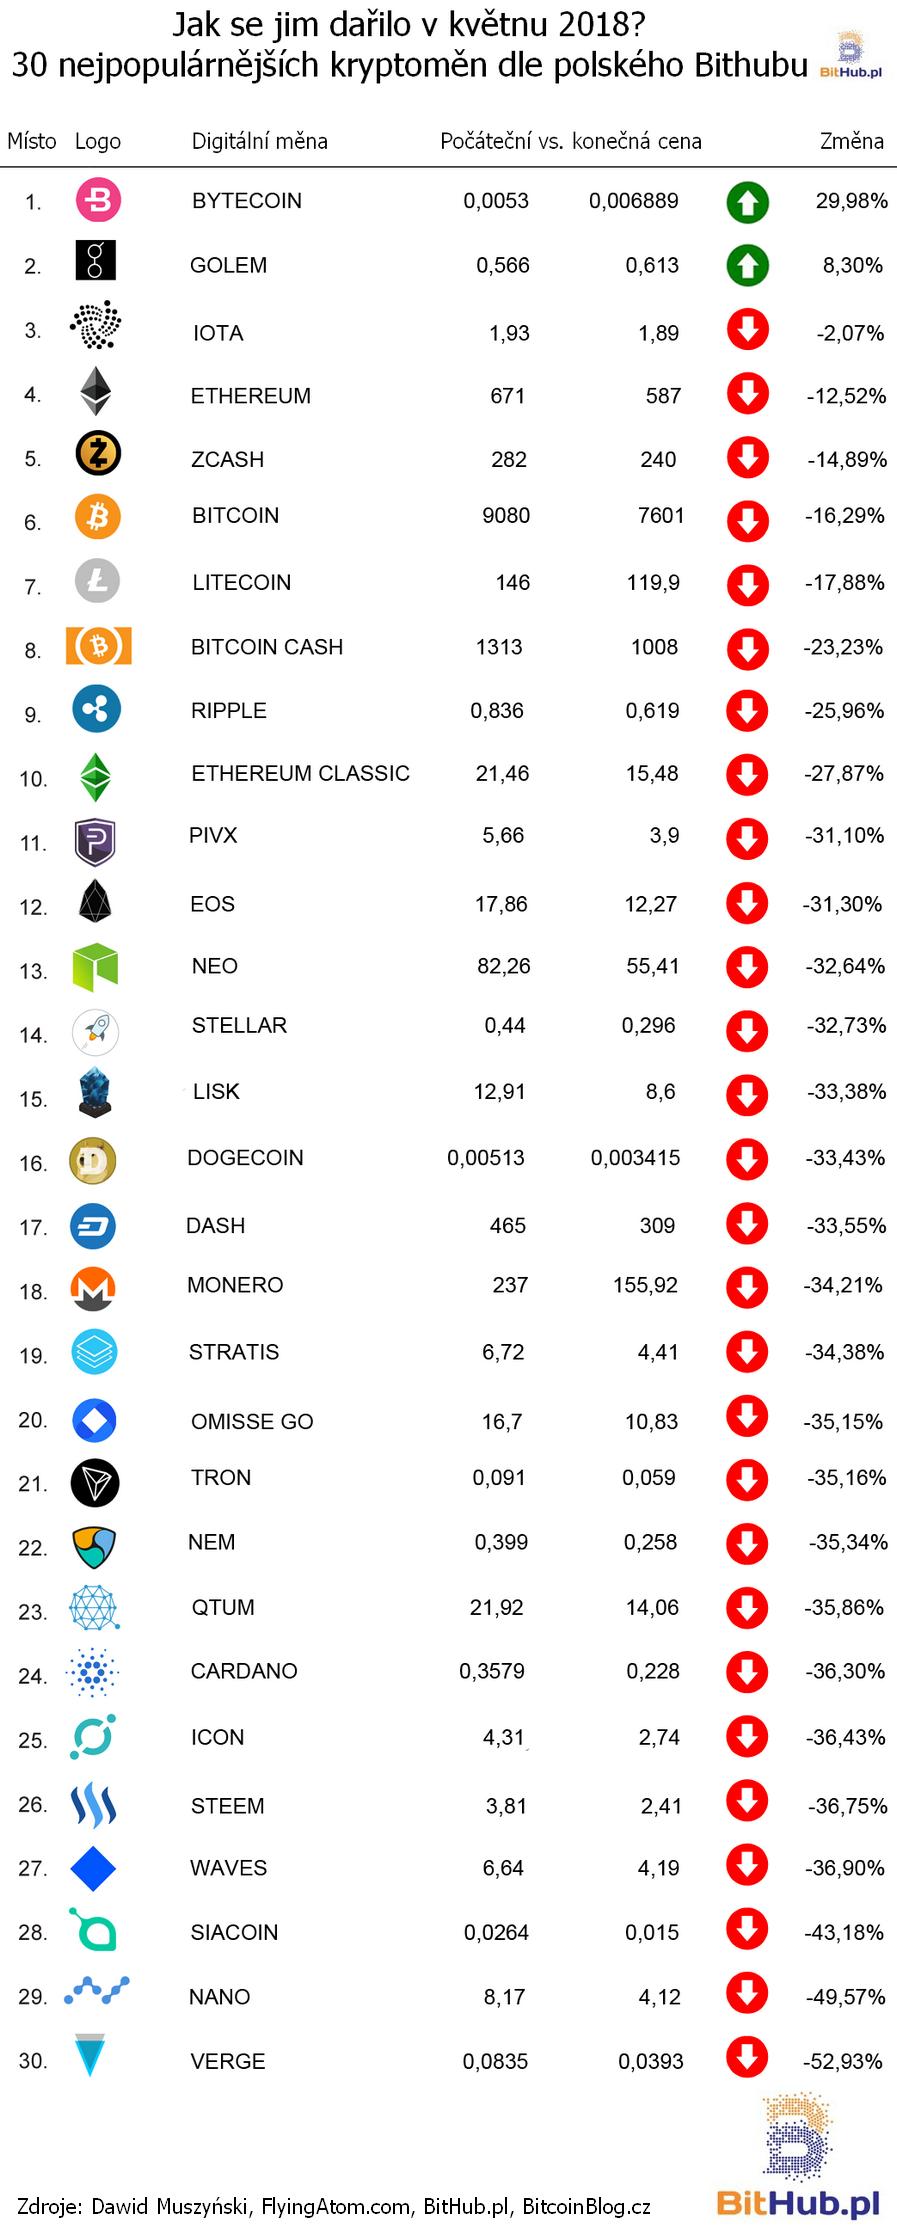 Měsíční žebříšek nejpopulárnějších kryptoměn: TOP 30 v květnu 2018